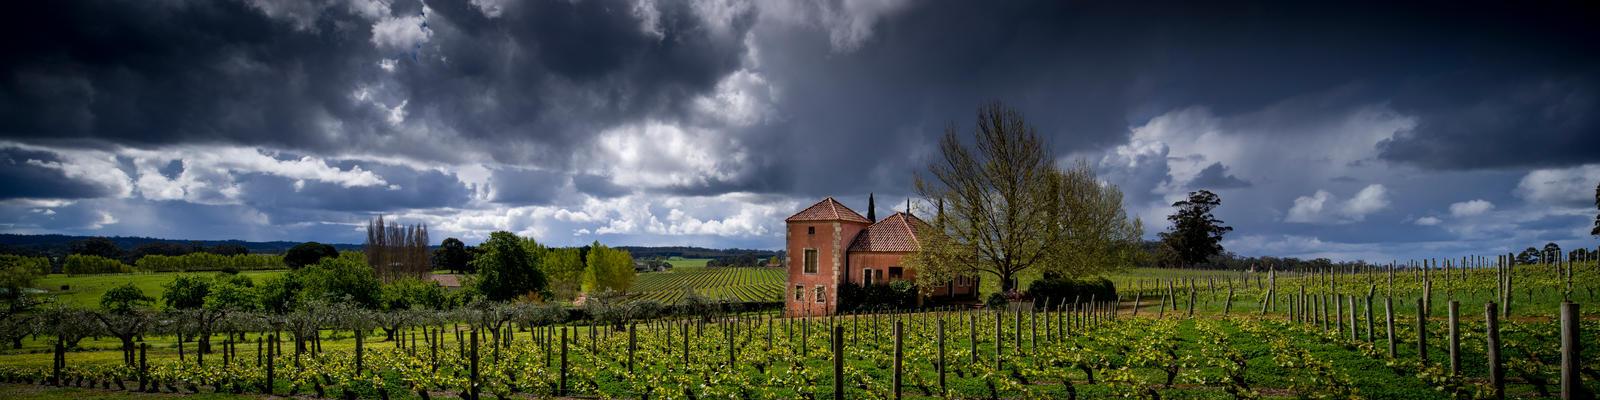 Picardy Winery by ozlizard